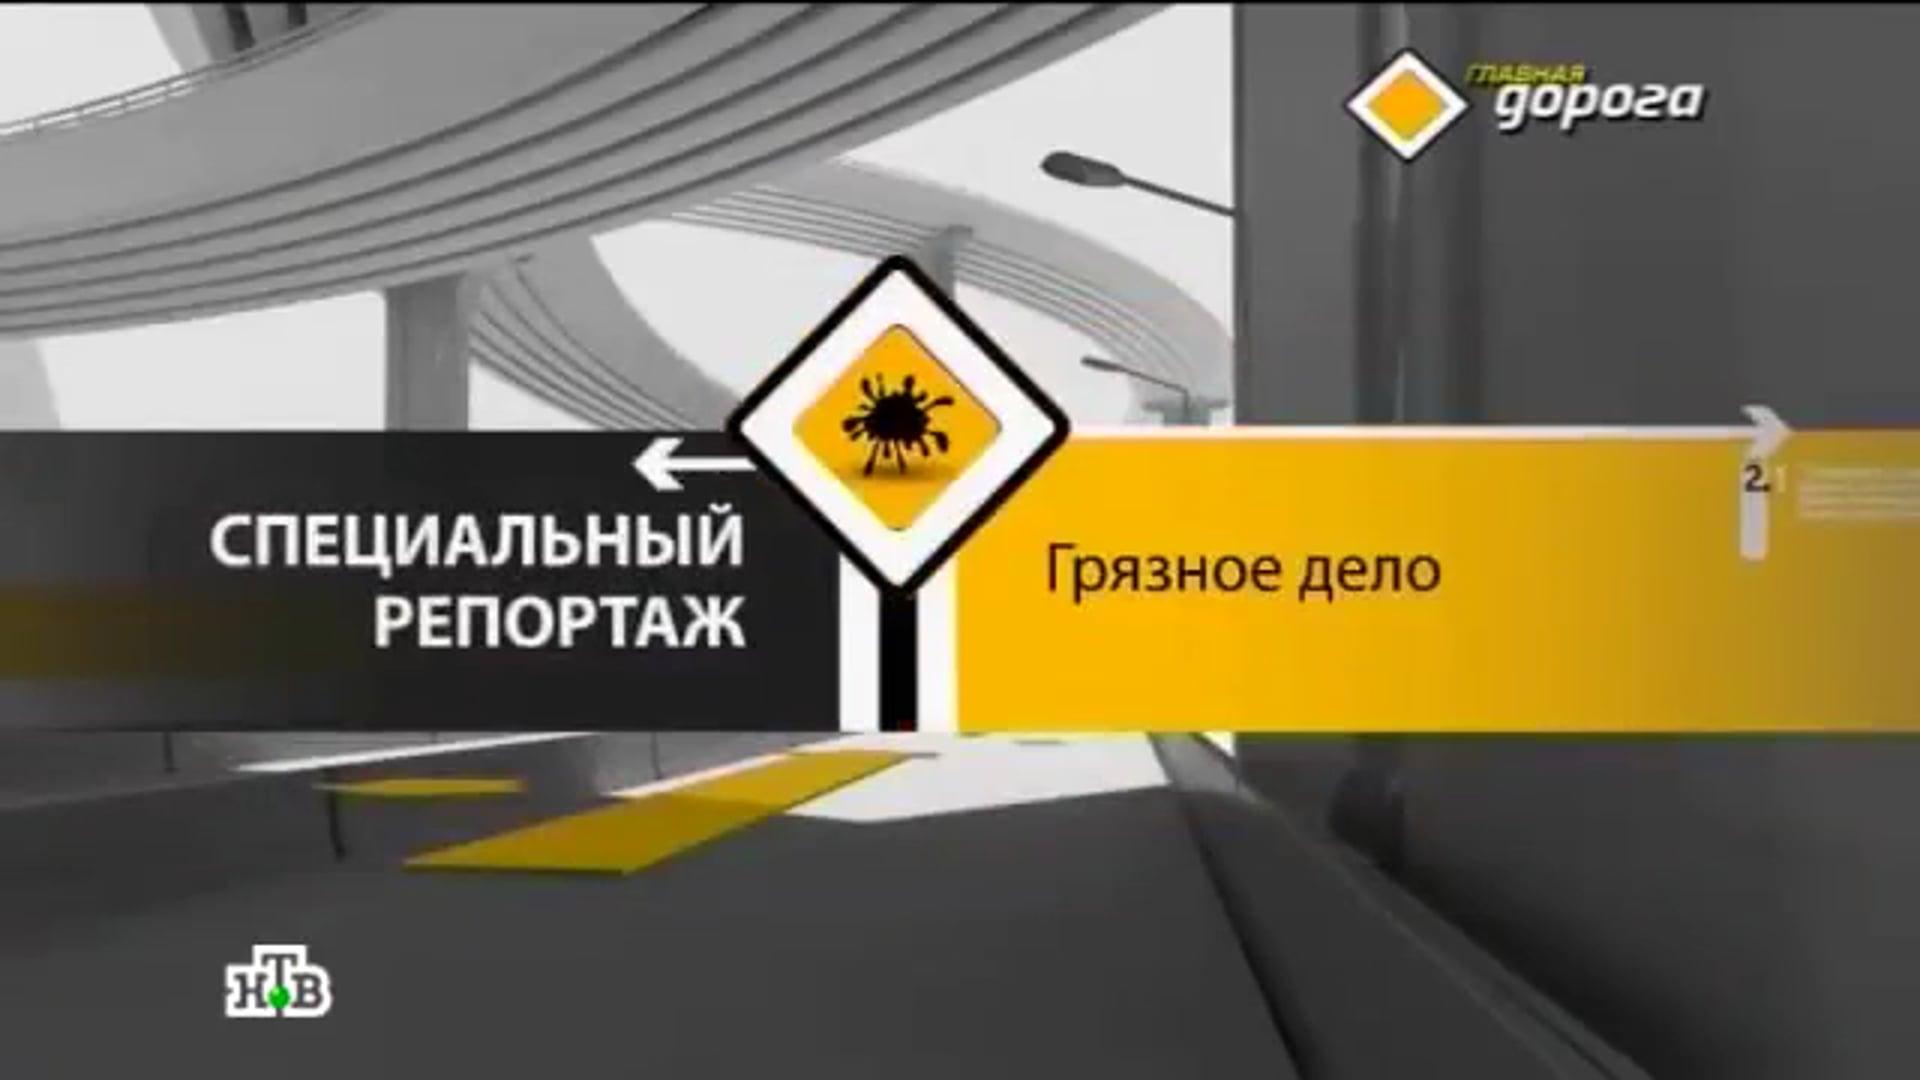 НТВ - Главная дорога - Специальный репортаж